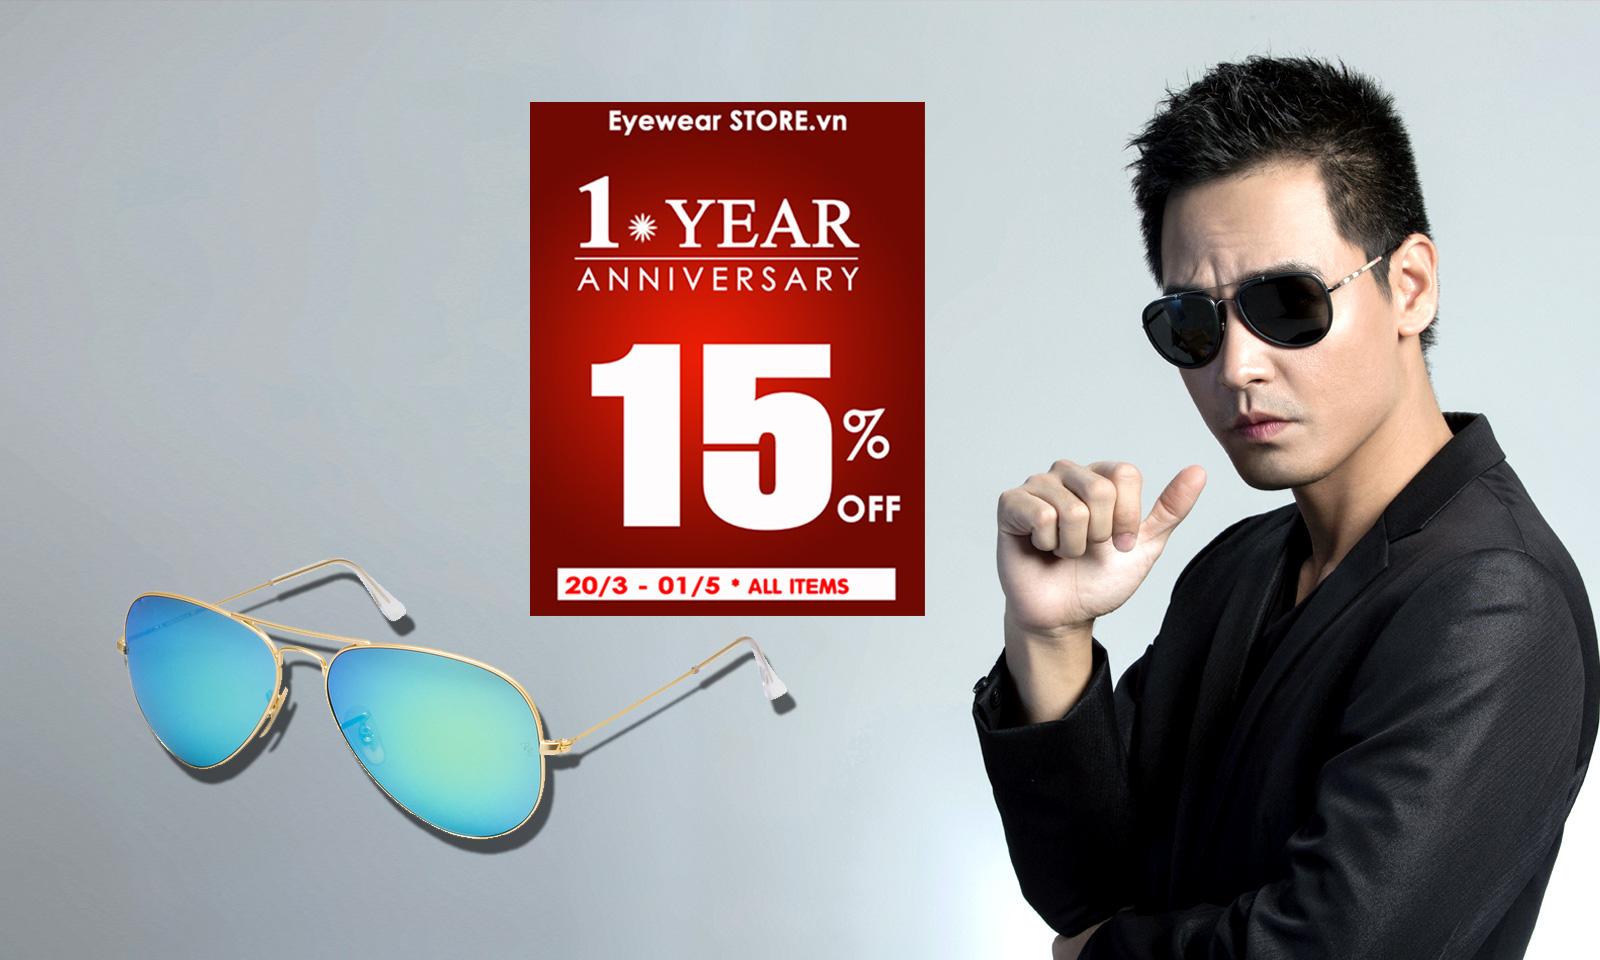 Chương trình khuyến mại kỷ niệm 1 năm thành lập hệ thống phân phối và bán lẻ kính mắt cao cấp Eyewear STORE.vn